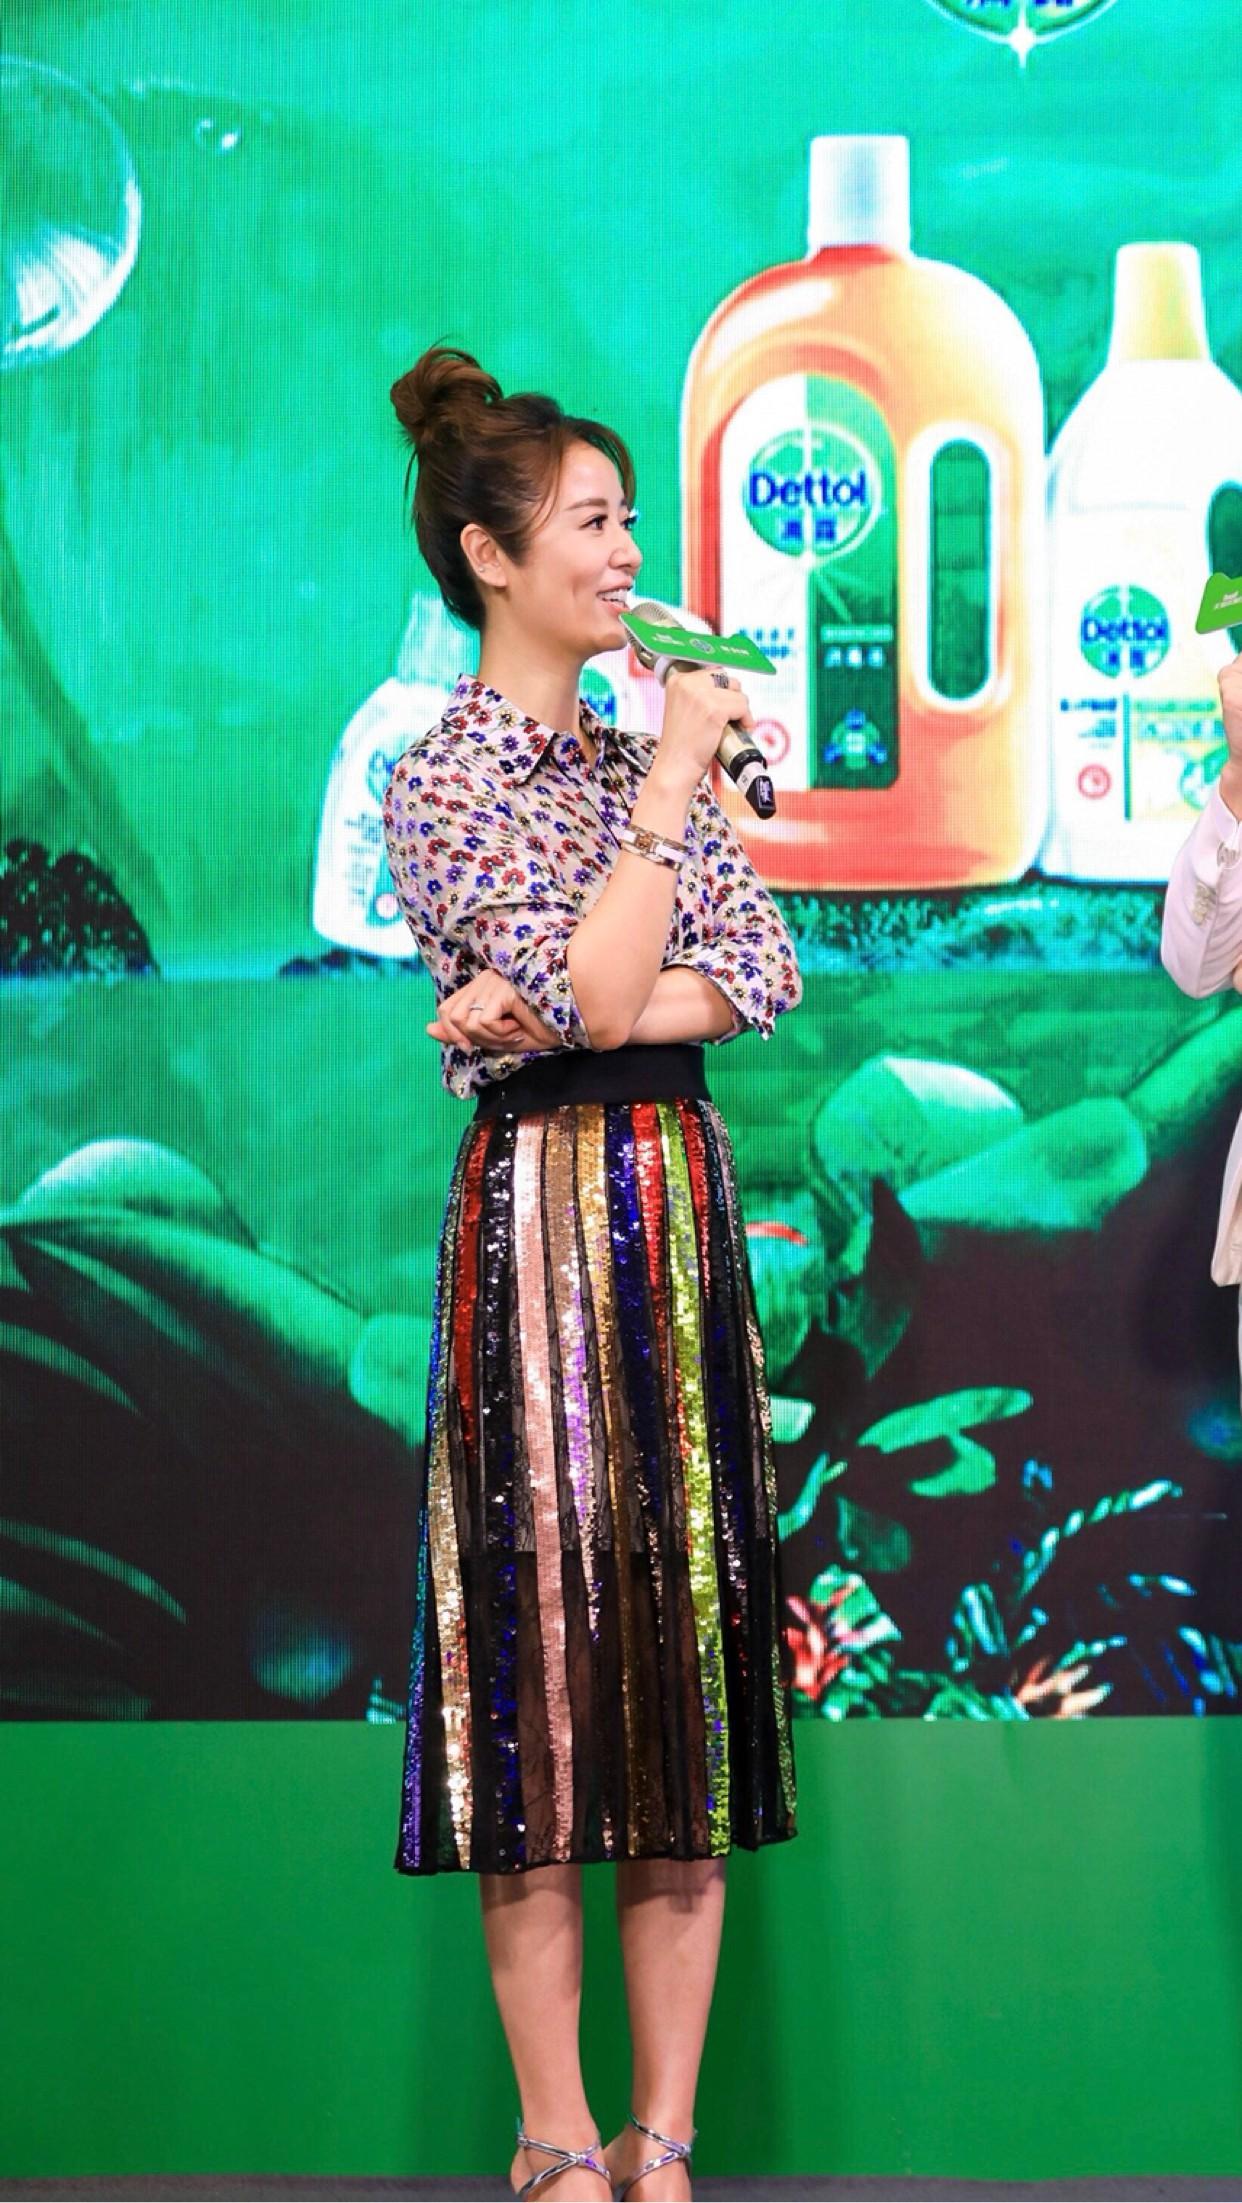 Lộ nhan sắc già chát, Lâm Tâm Như còn khiến khán giả hết hồn với phong cách sến rện - Ảnh 8.